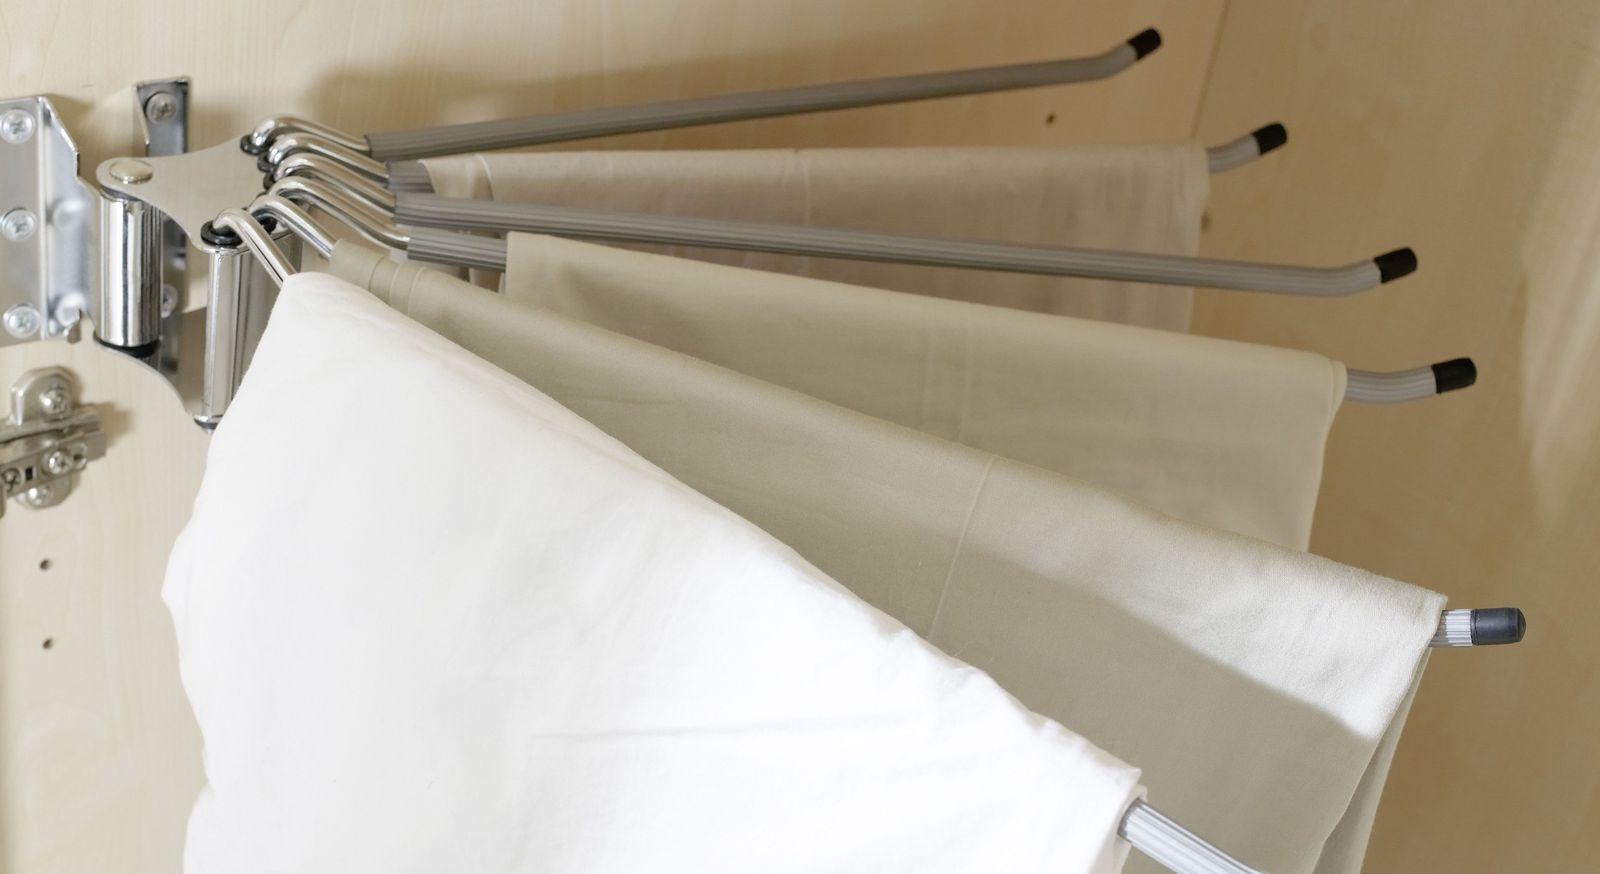 Platzsparender Hosenhalter der Zusatzausstattung & Beleuchtung für Kleiderschränke